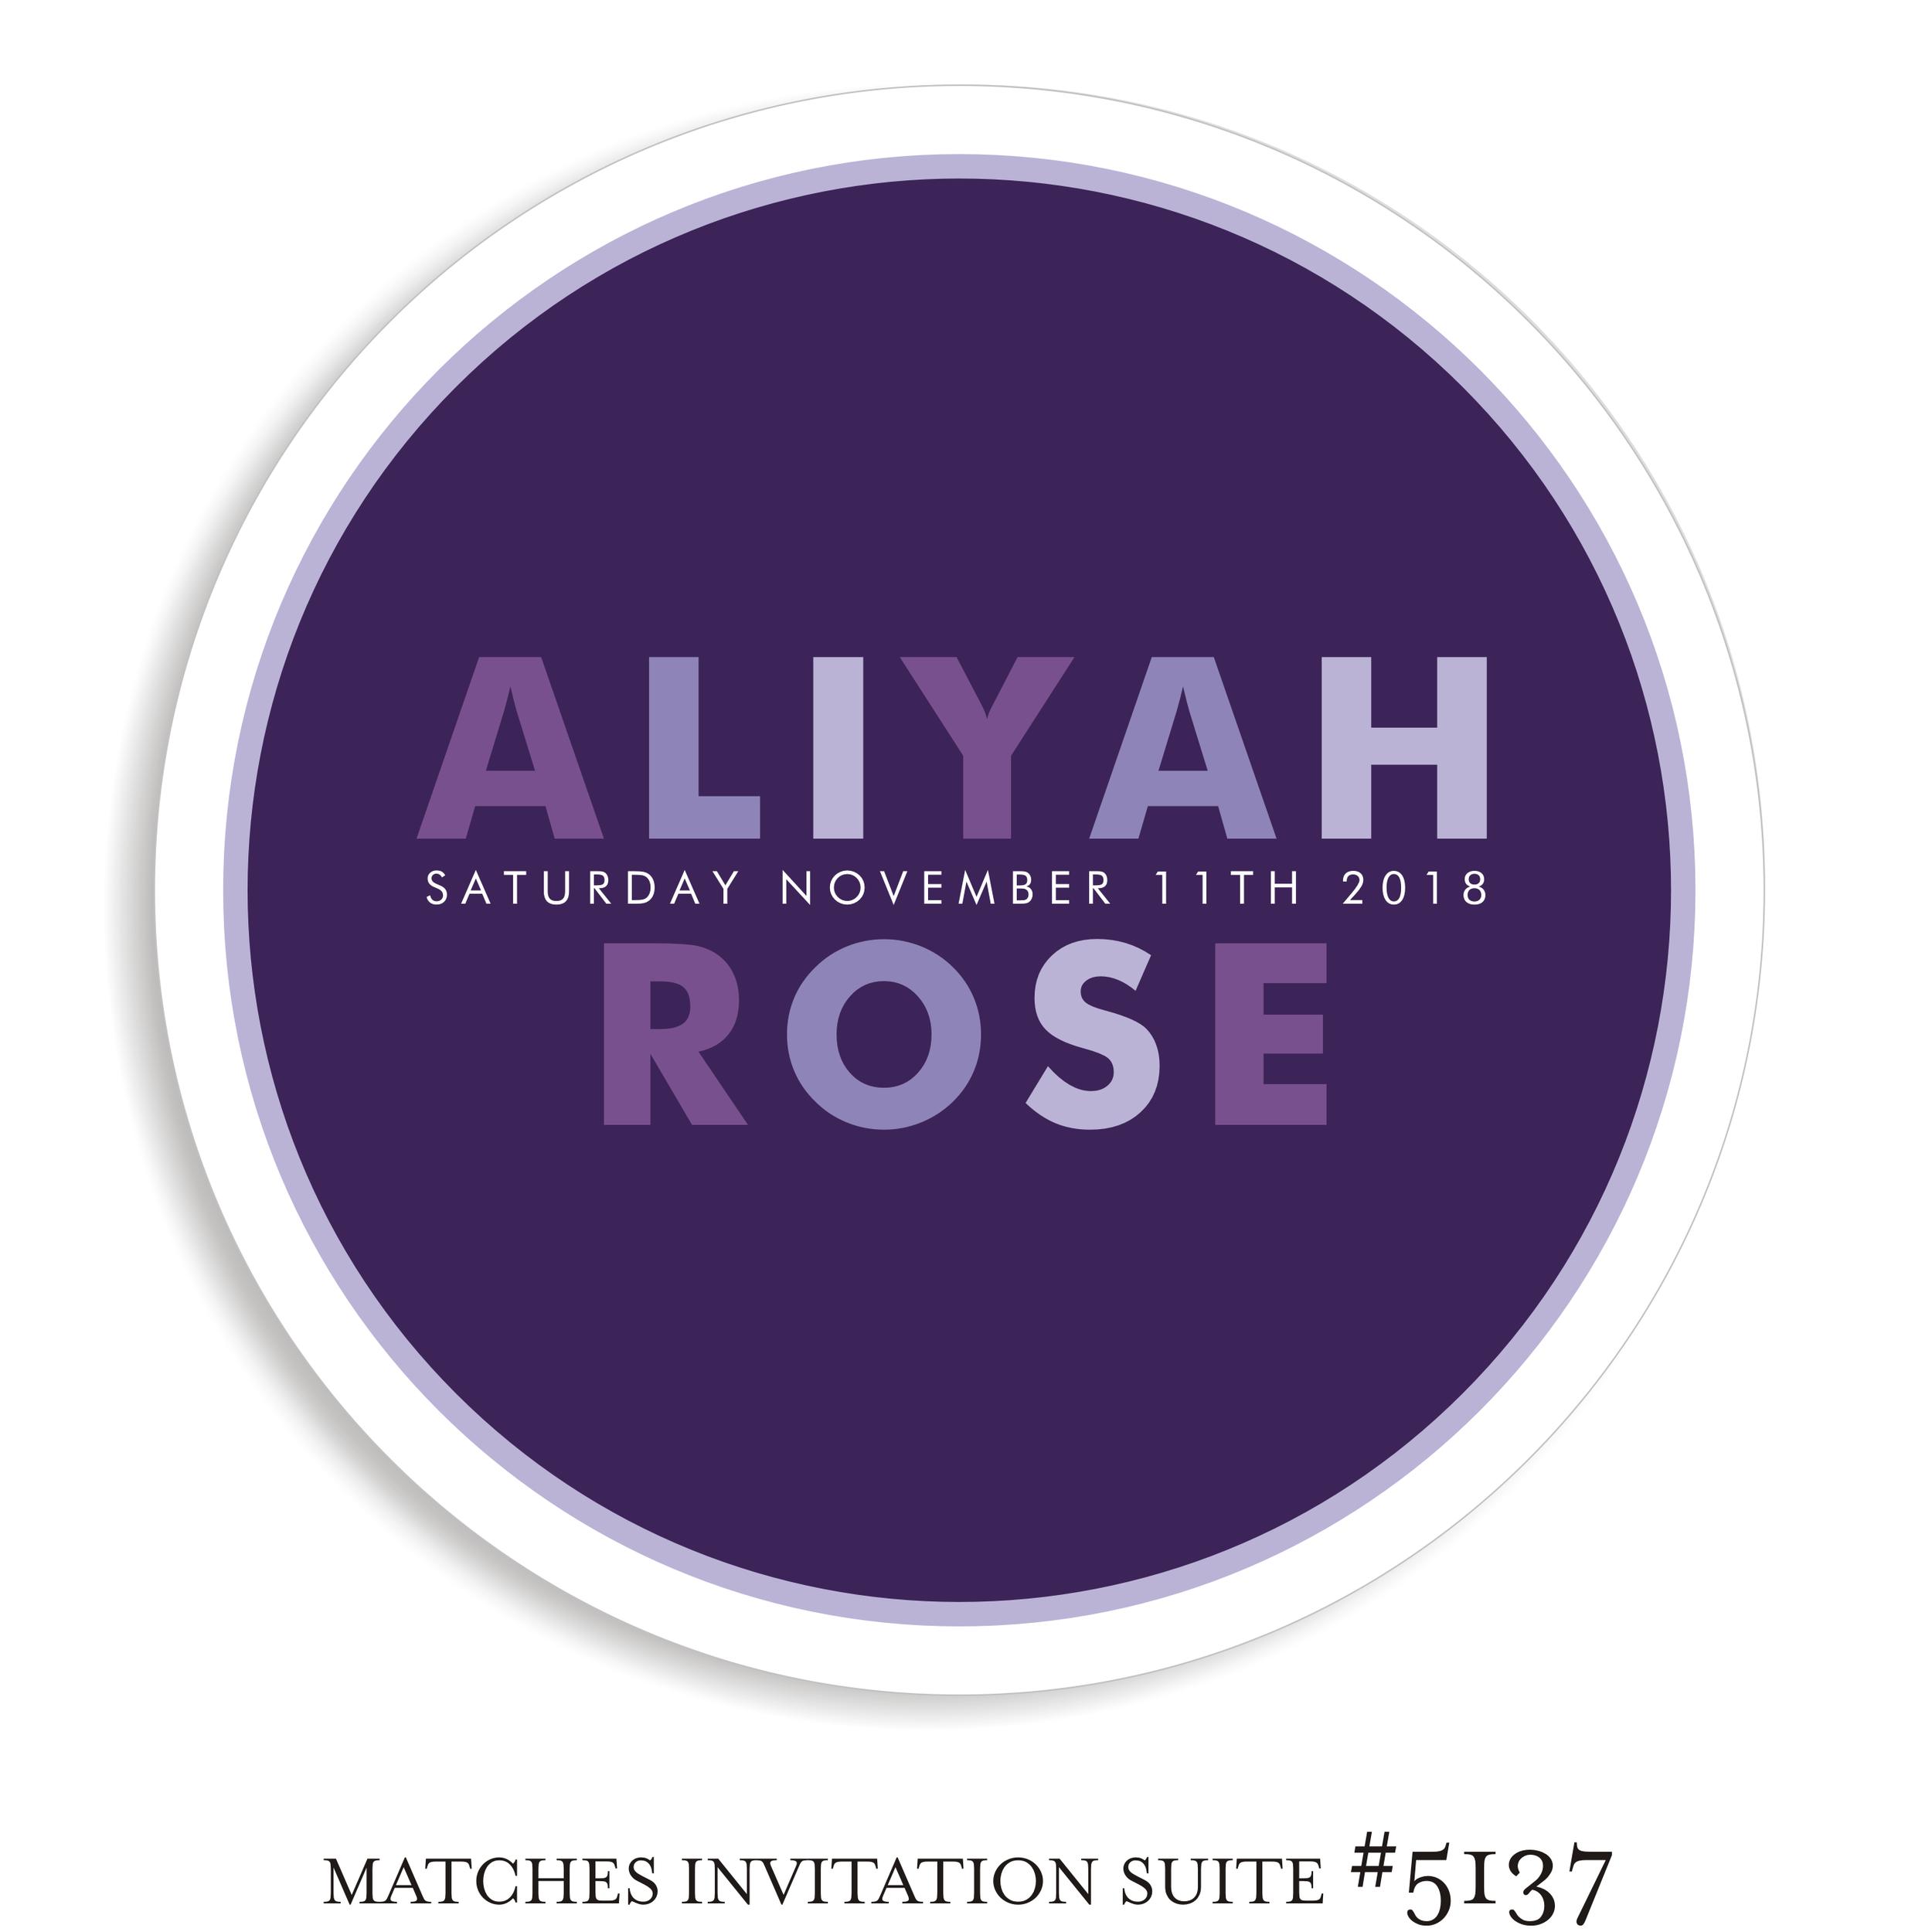 Dancefloor Decal Suite 5137 - Aliyah Rose